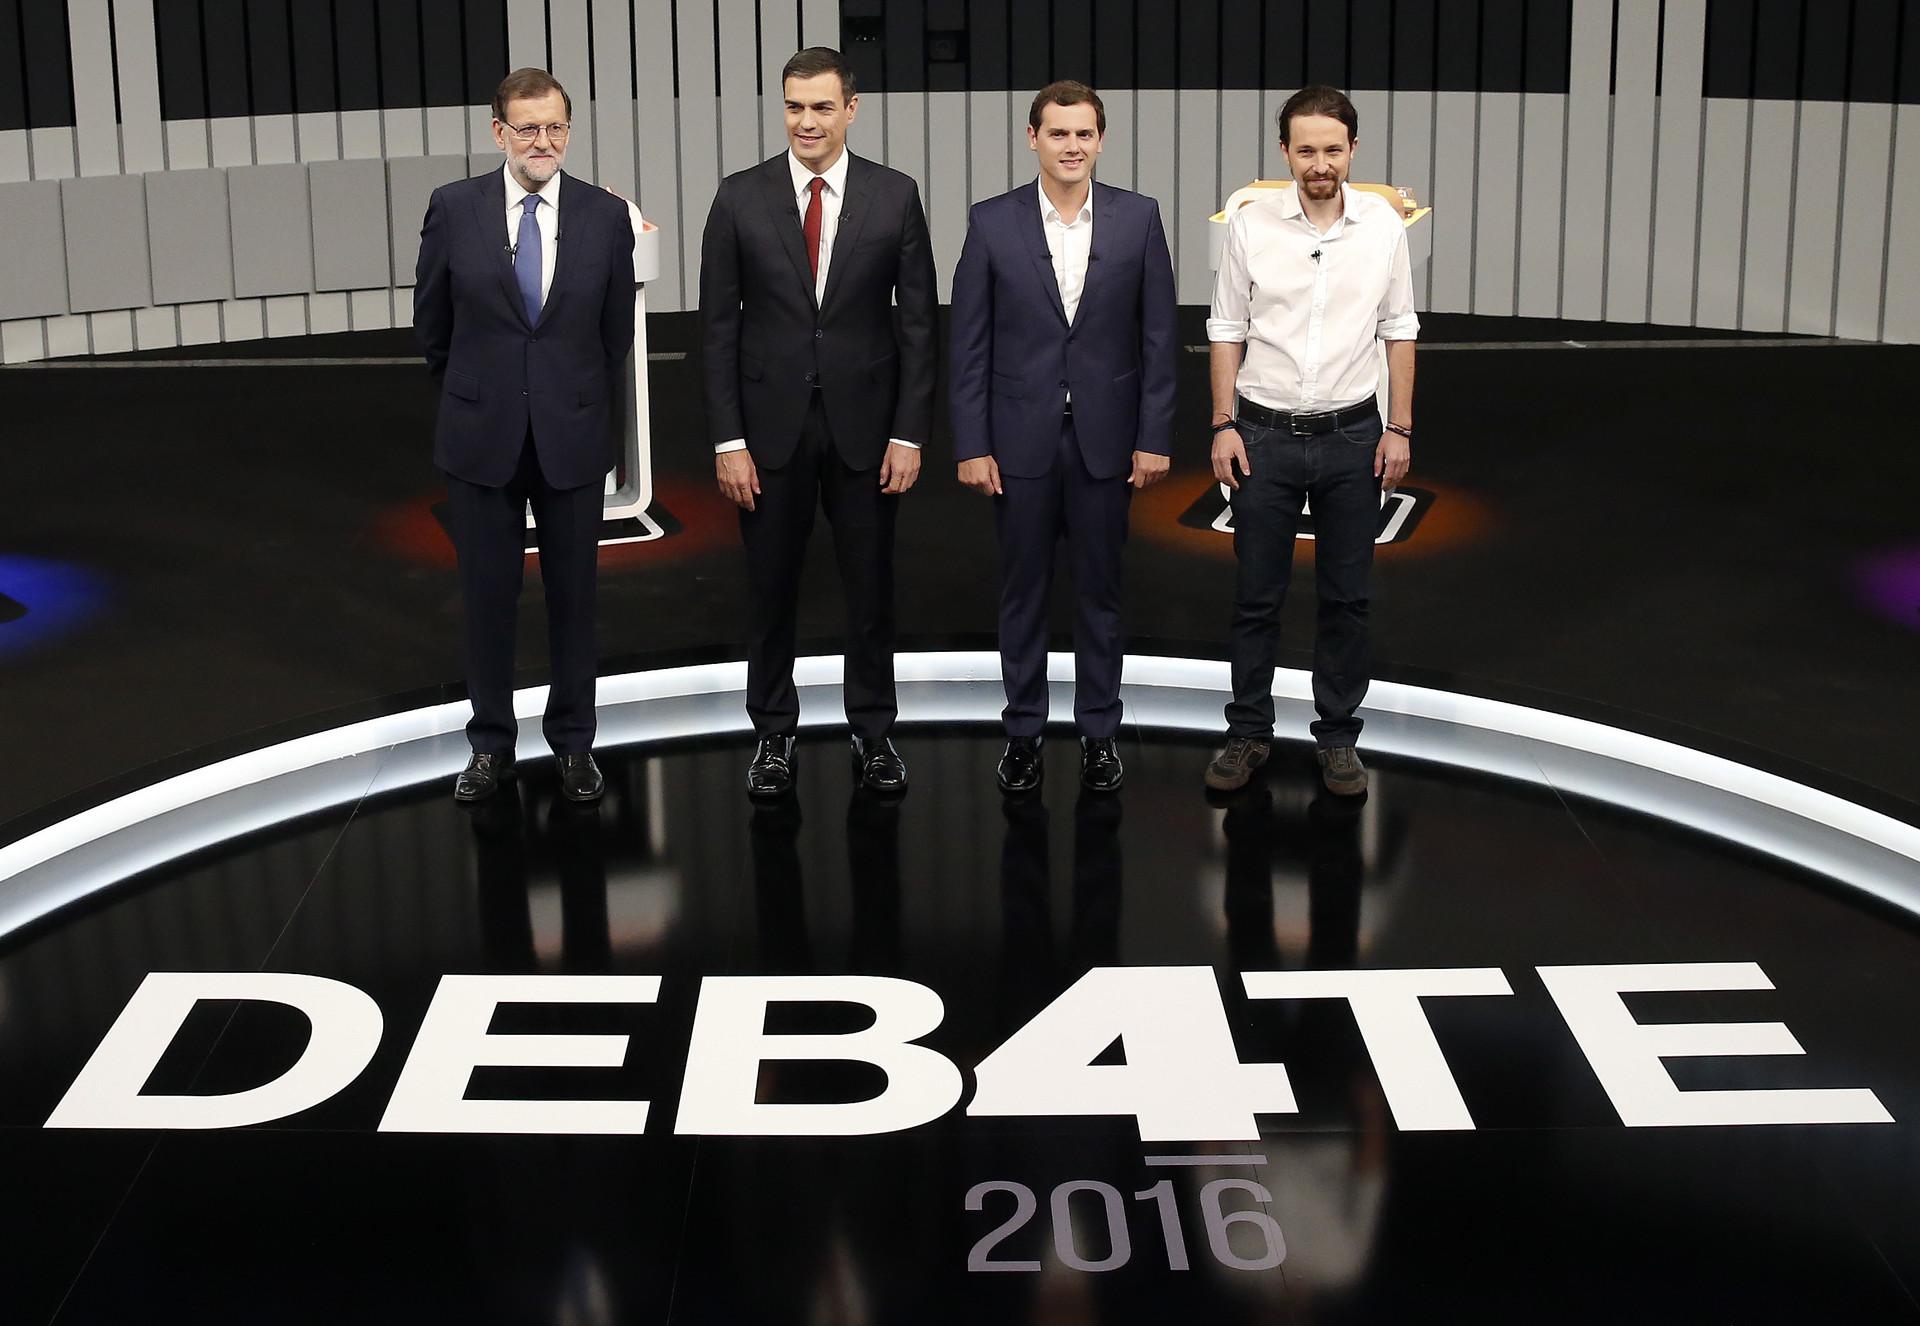 Los líderes de los cuatro principales partidos políticos de España (PP, PSOE, Ciudadanos y Podemos) posan antes del comienzo de su debate televisado en Madrid, España, el 13 de junio de 2016.